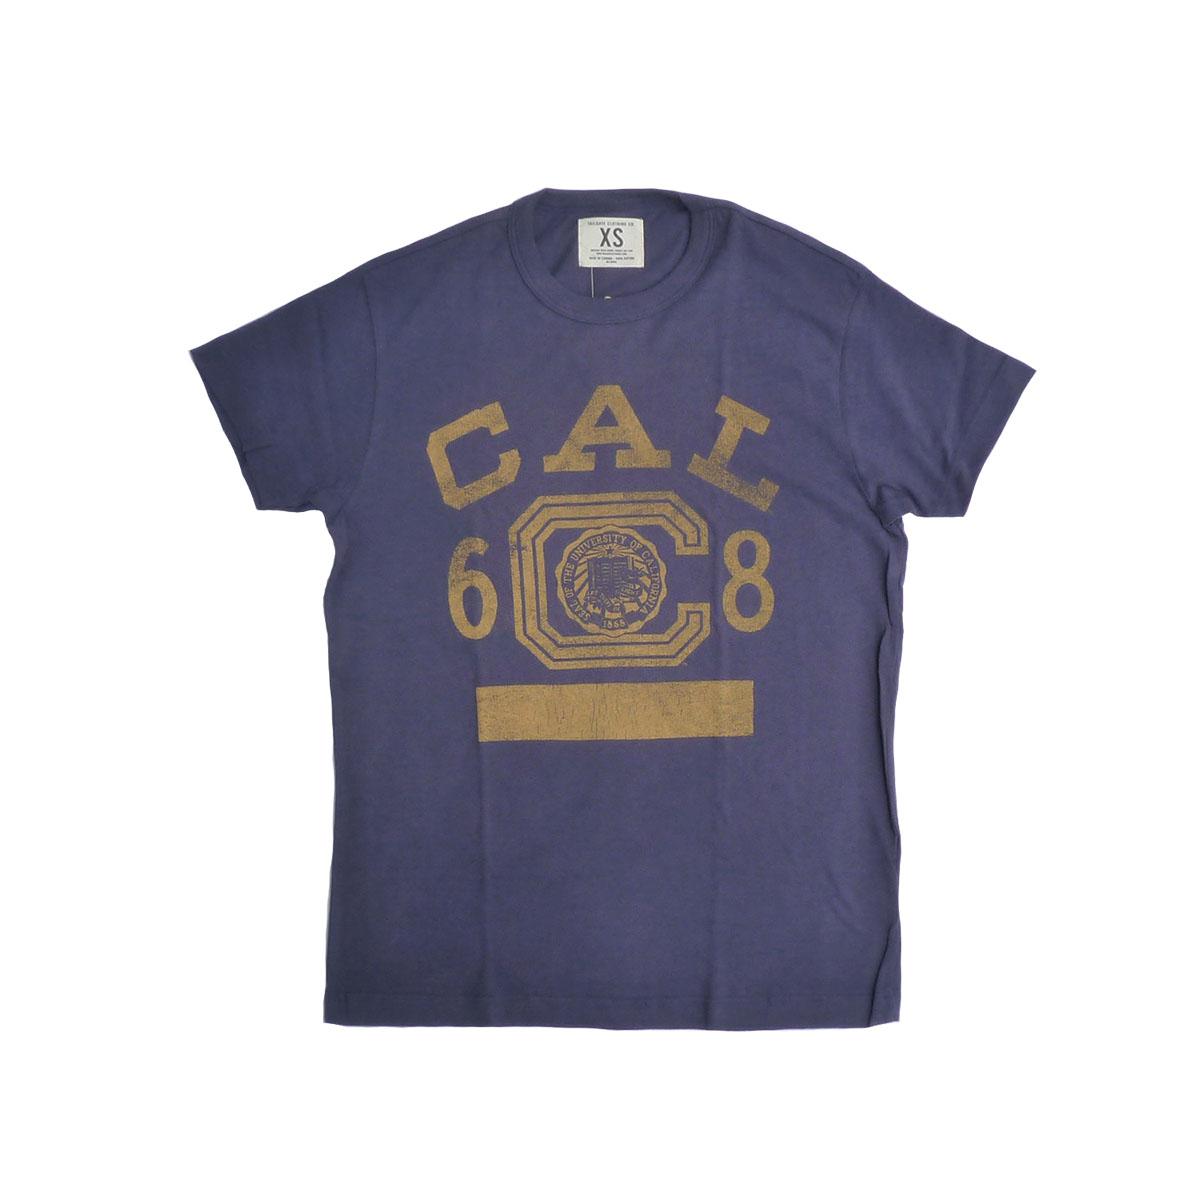 画像1: TAILGATE テイルゲート カリフォルニア Tシャツ M/BLU メンズ/レディース (1)